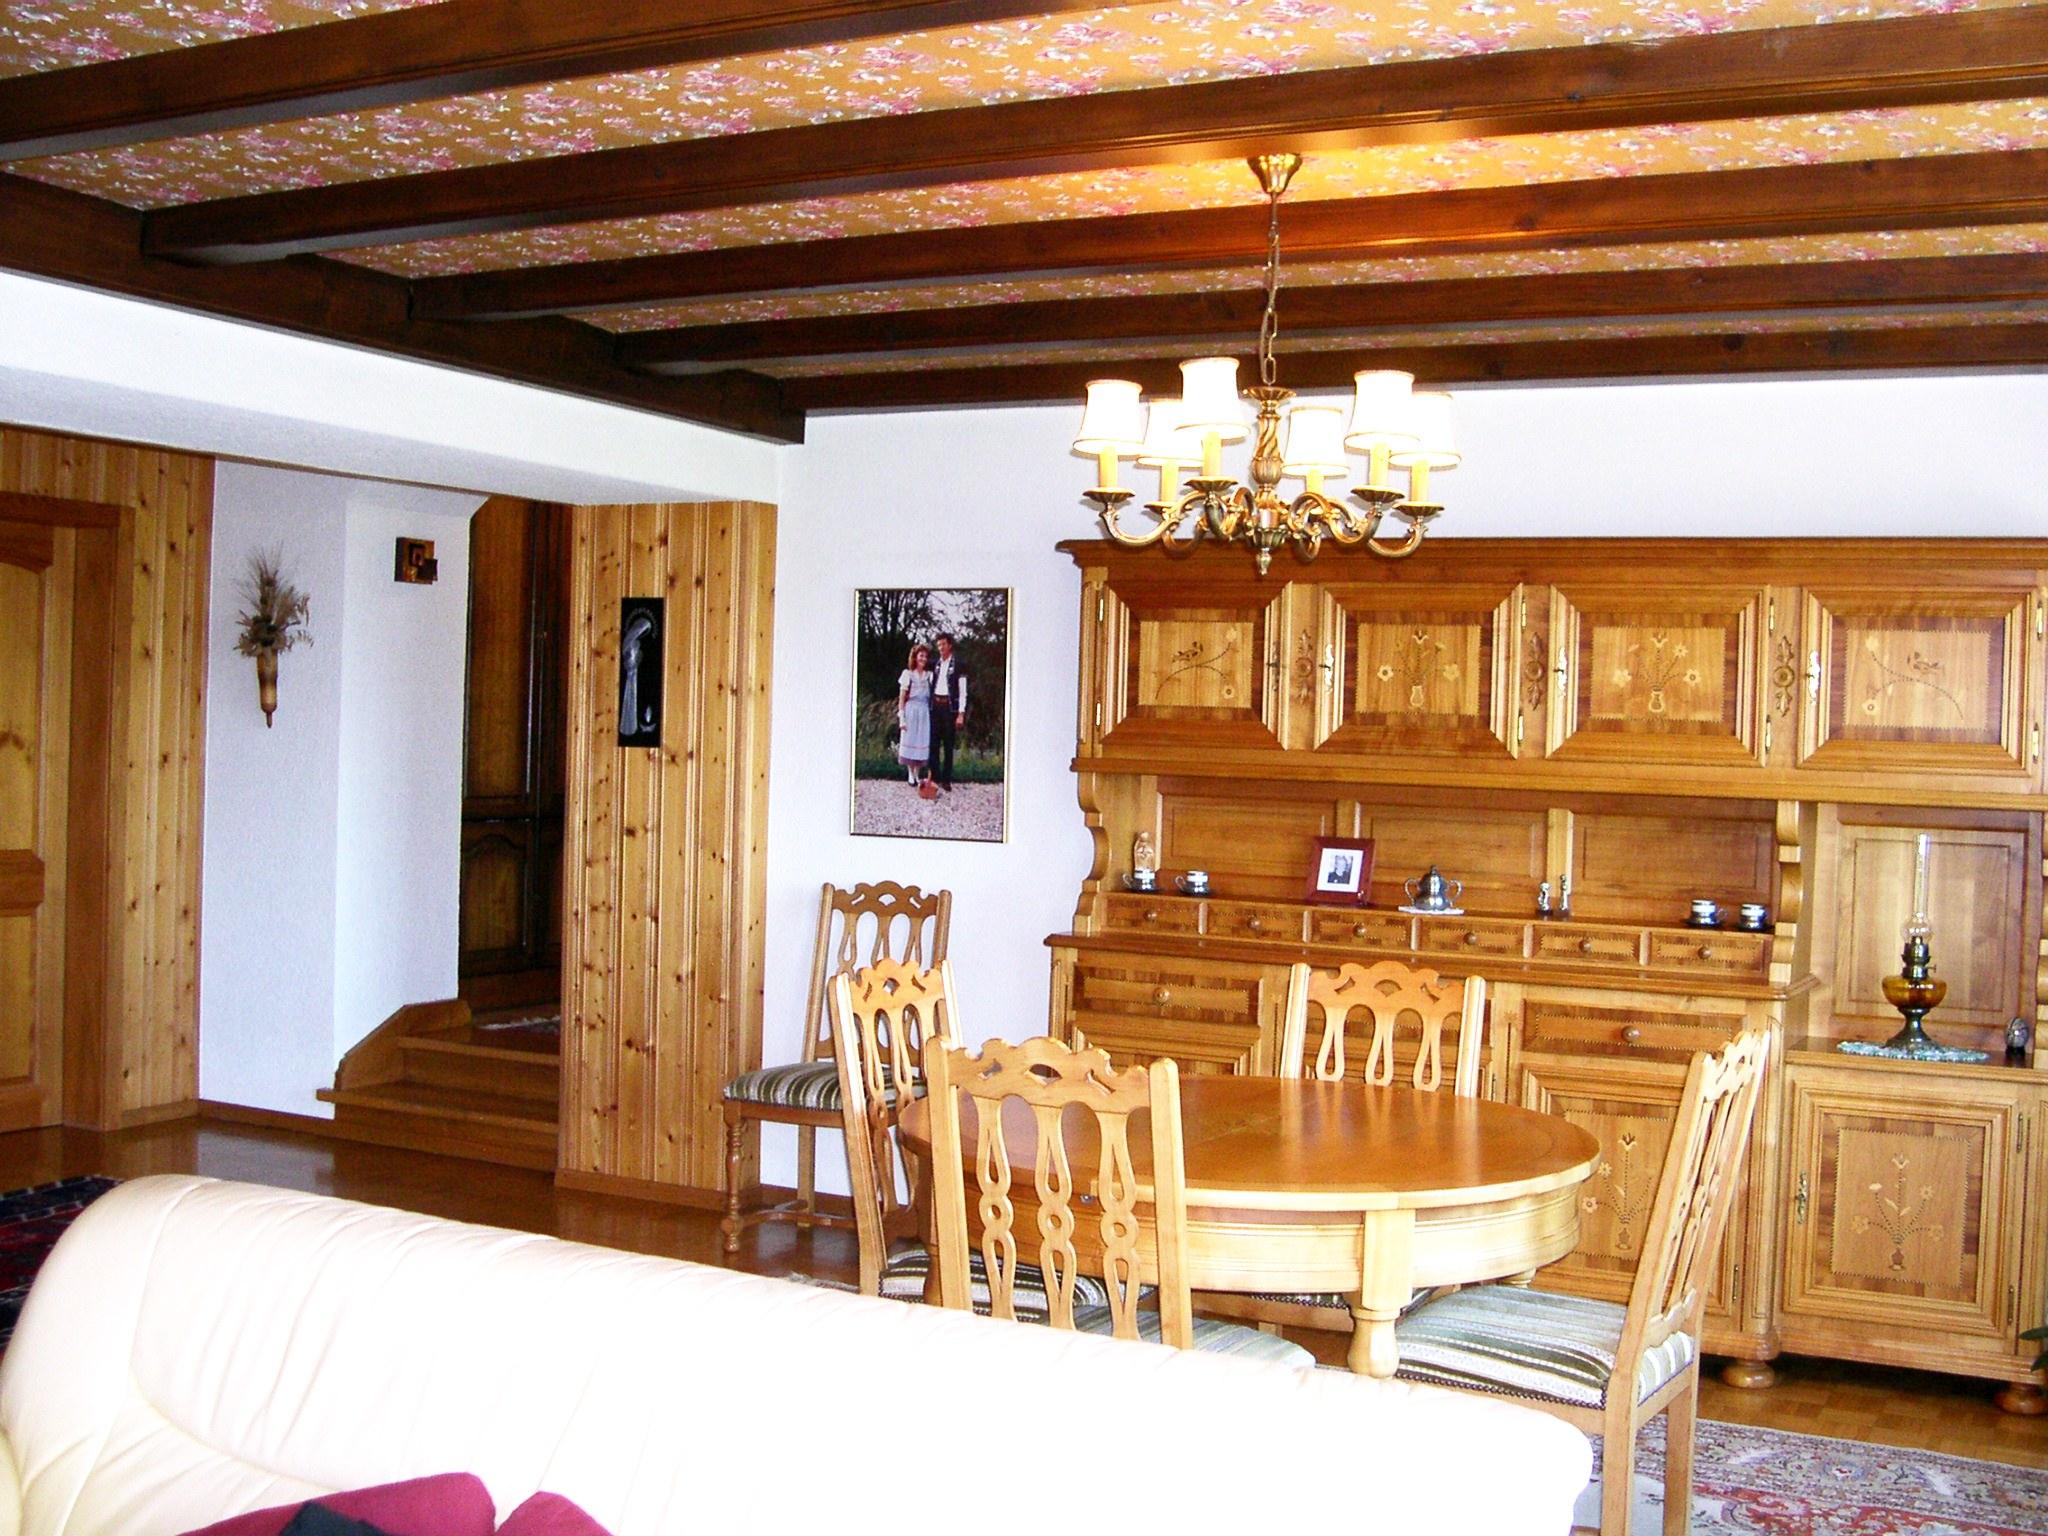 Detached House For Sale in Pont-en-Ogoz - 5 Photos